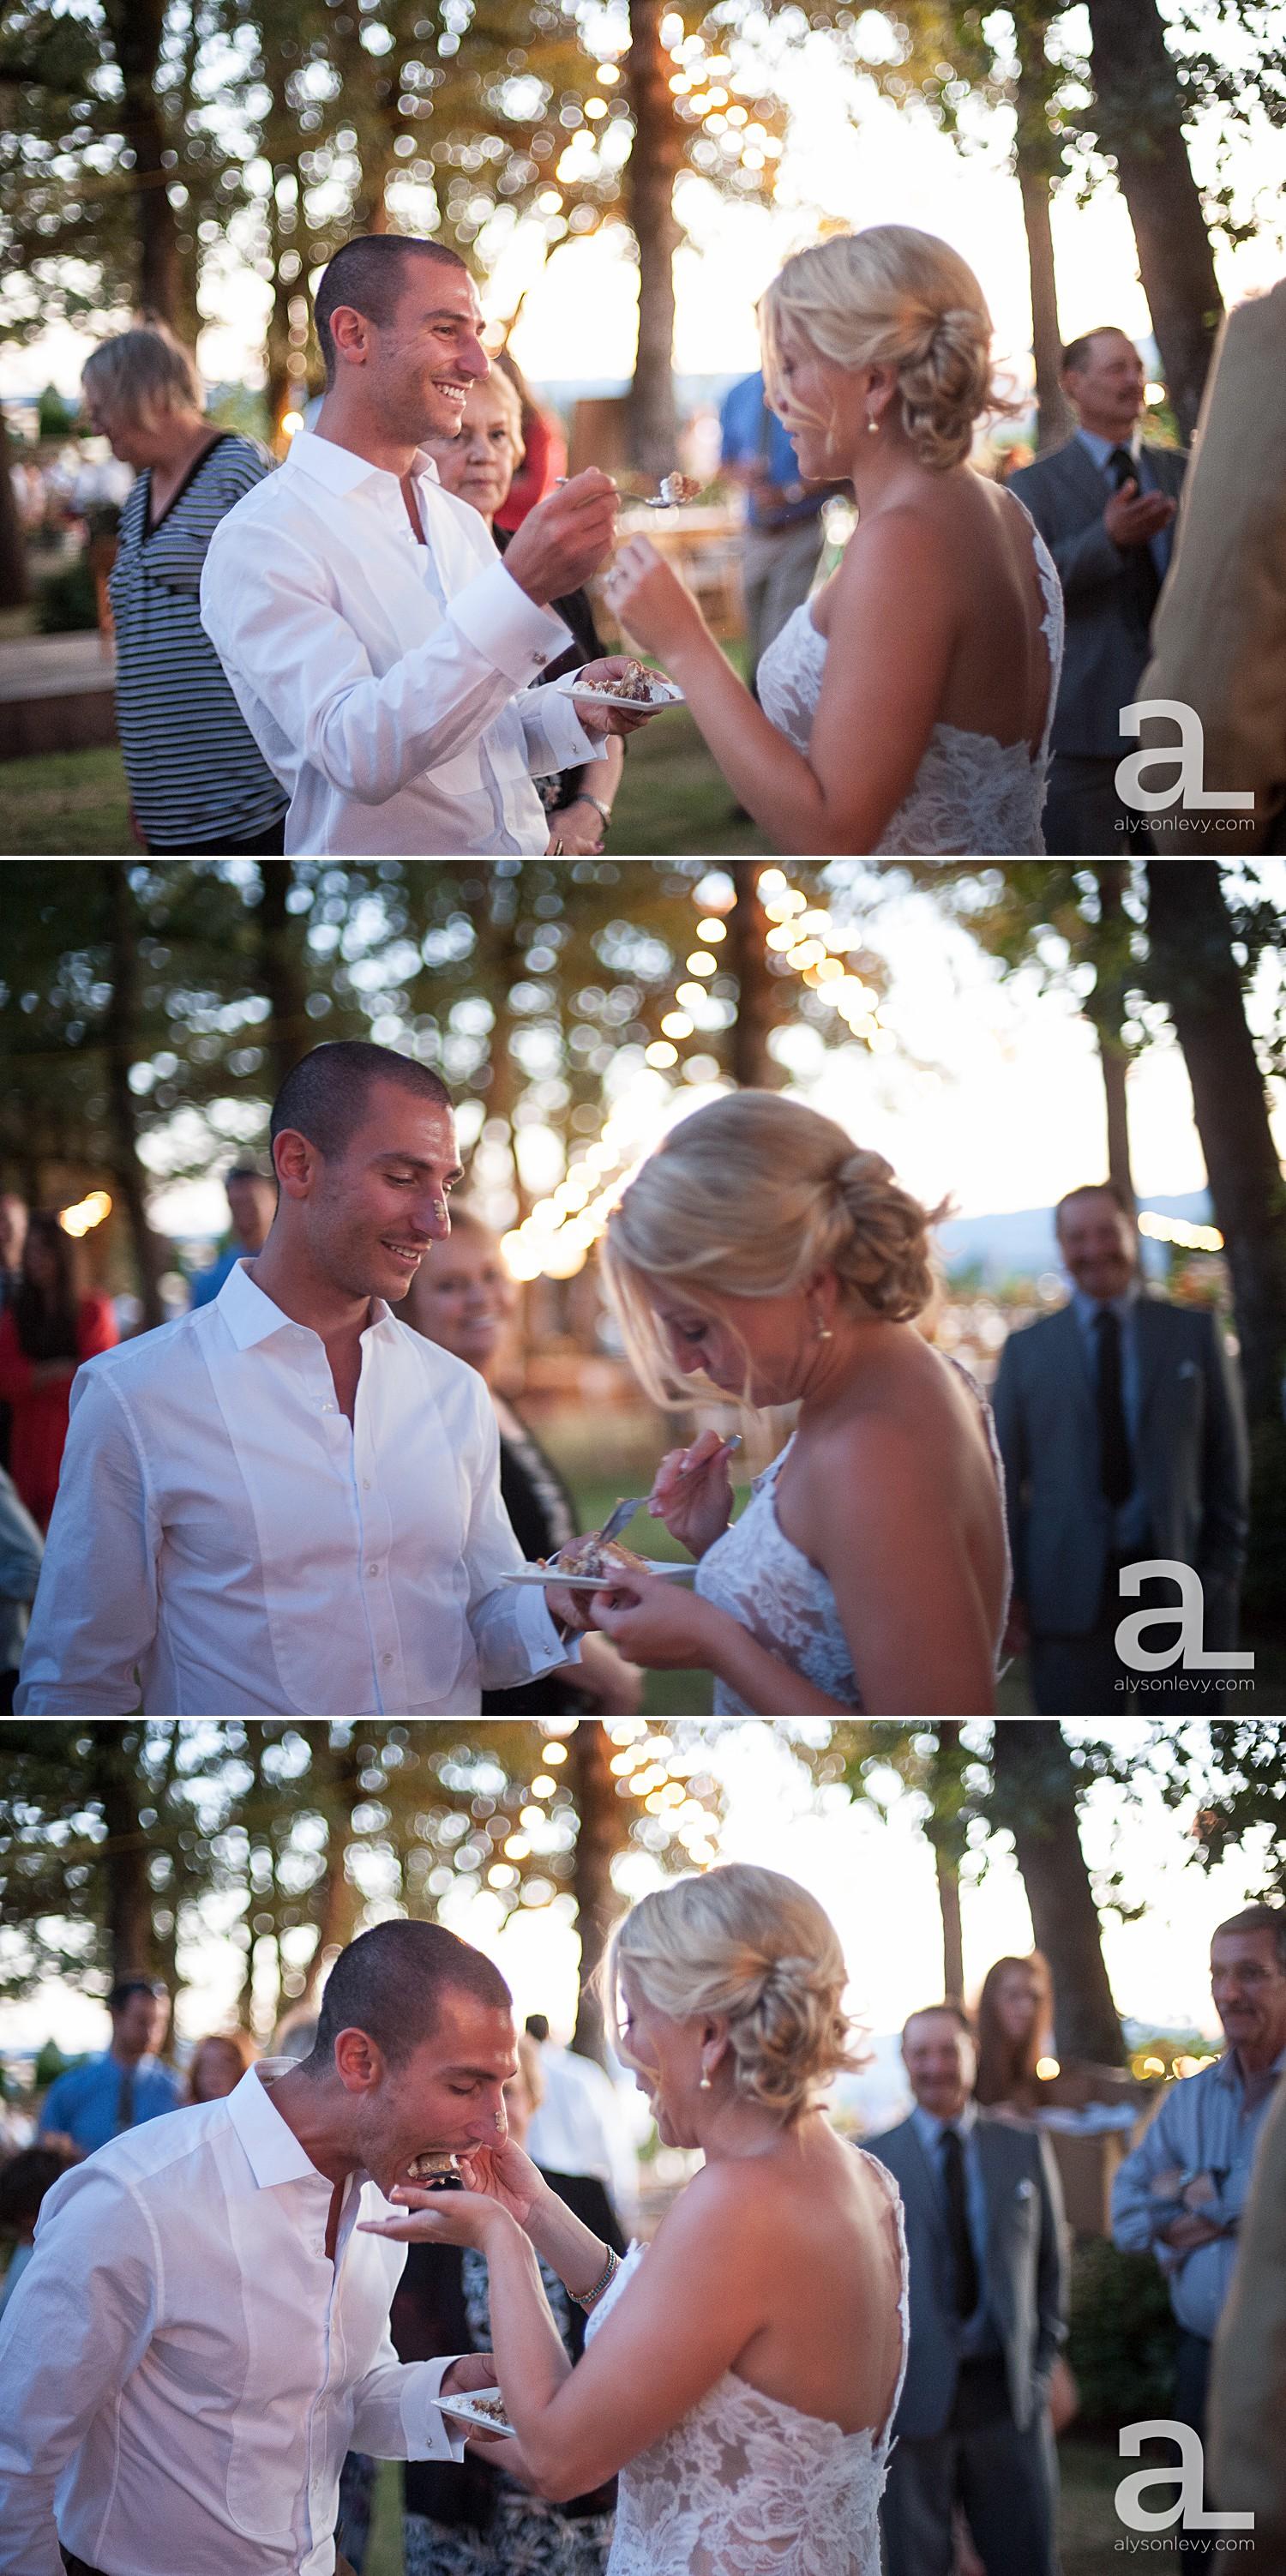 Oregon-Vineyard-Wedding-Photography_0047.jpg